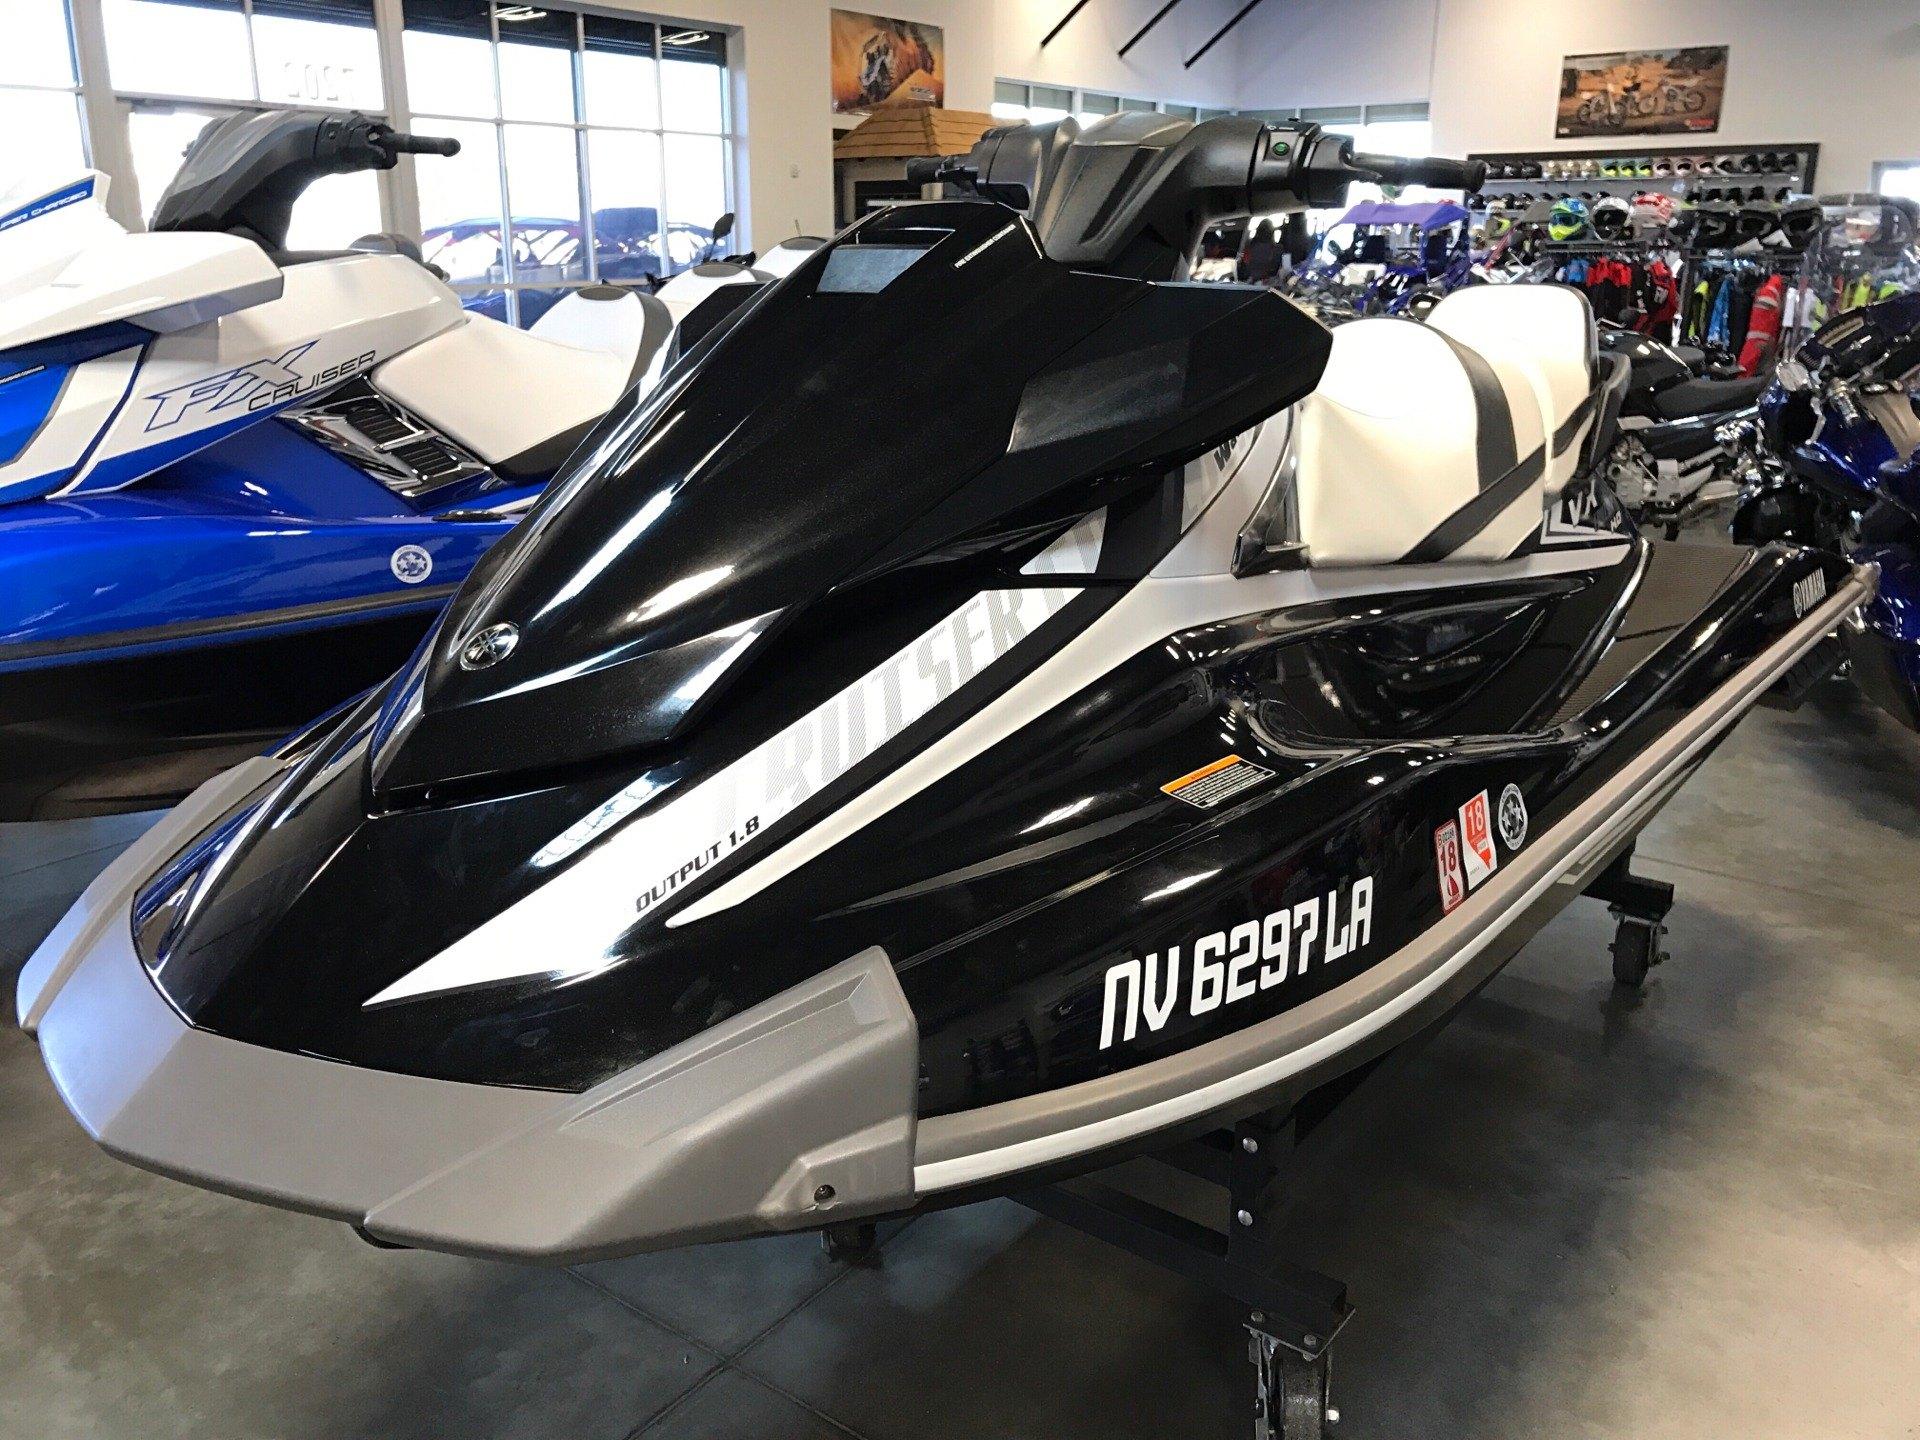 2016 Yamaha VX Cruiser HO for sale 229035